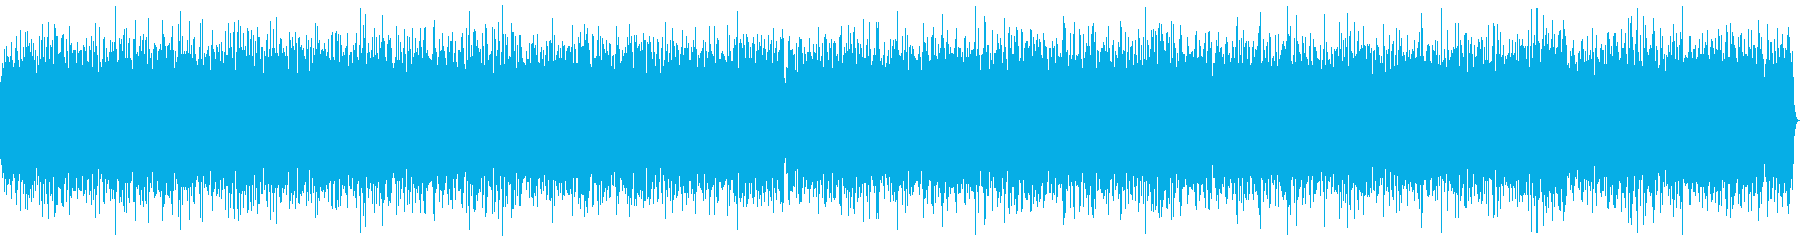 特撮にありそうな光線(ロング)の再生済みの波形